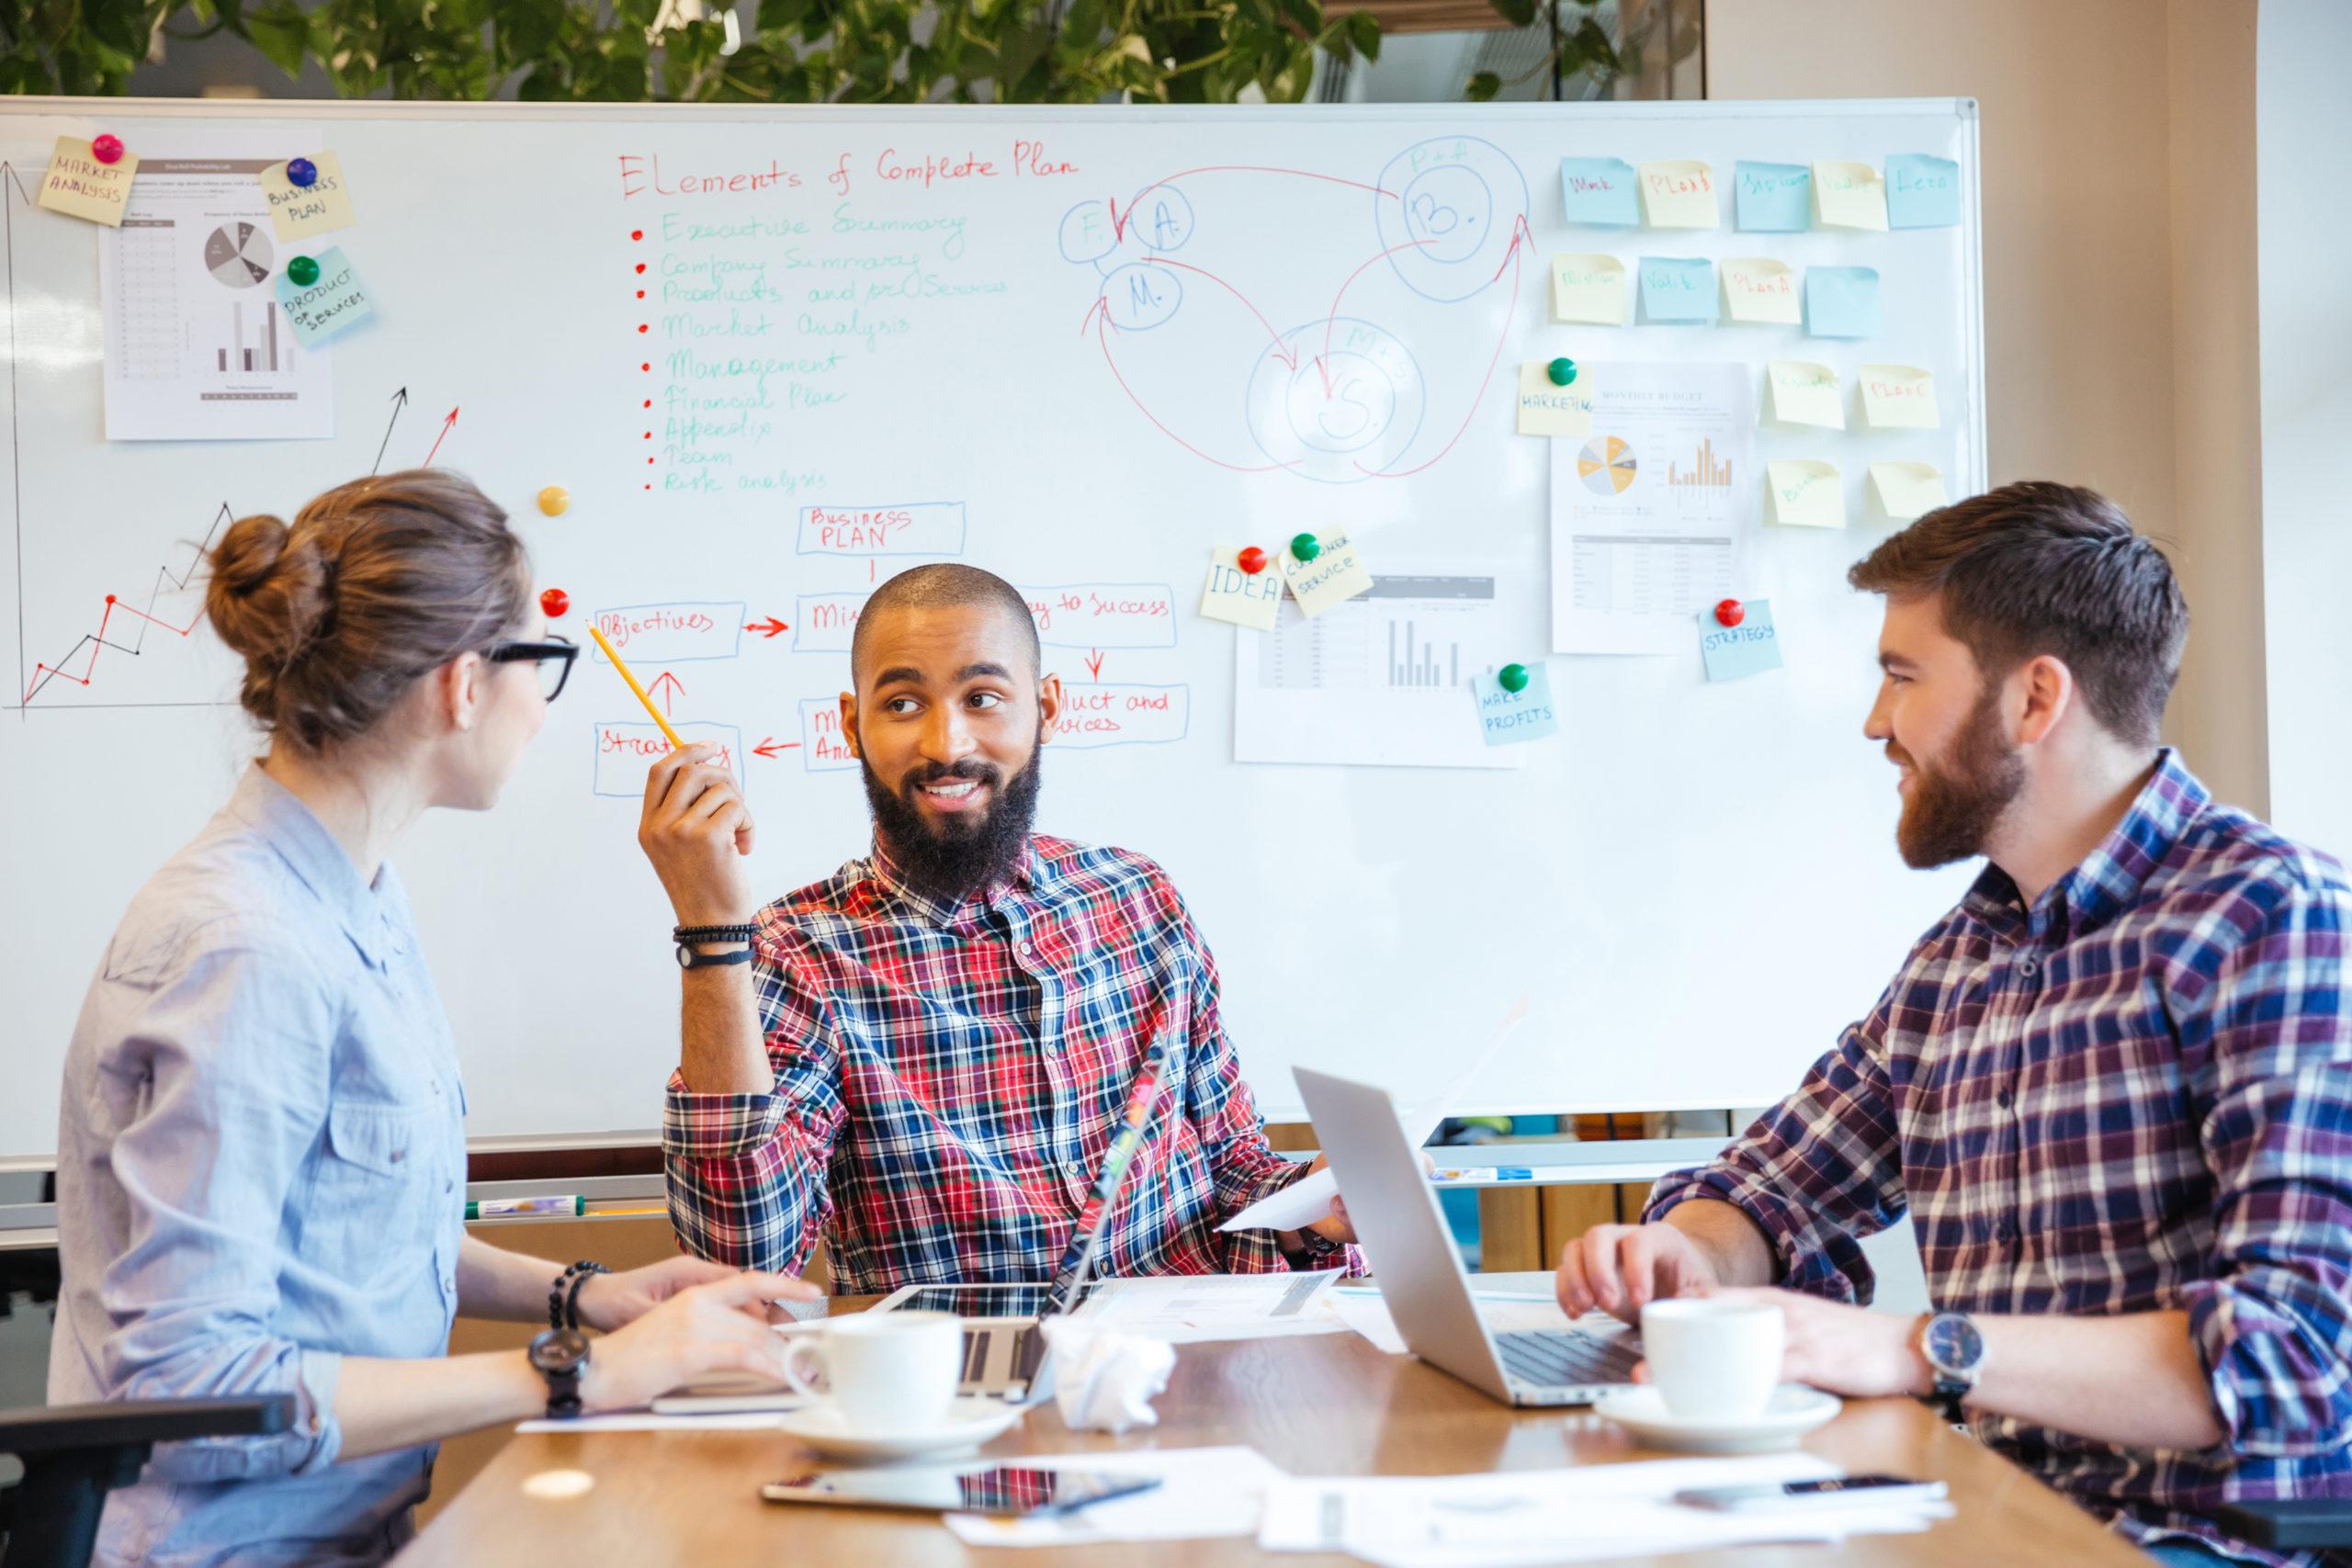 今事業主がデジタルマーケティングの人材育成に本気で取り組むべき理由とは?